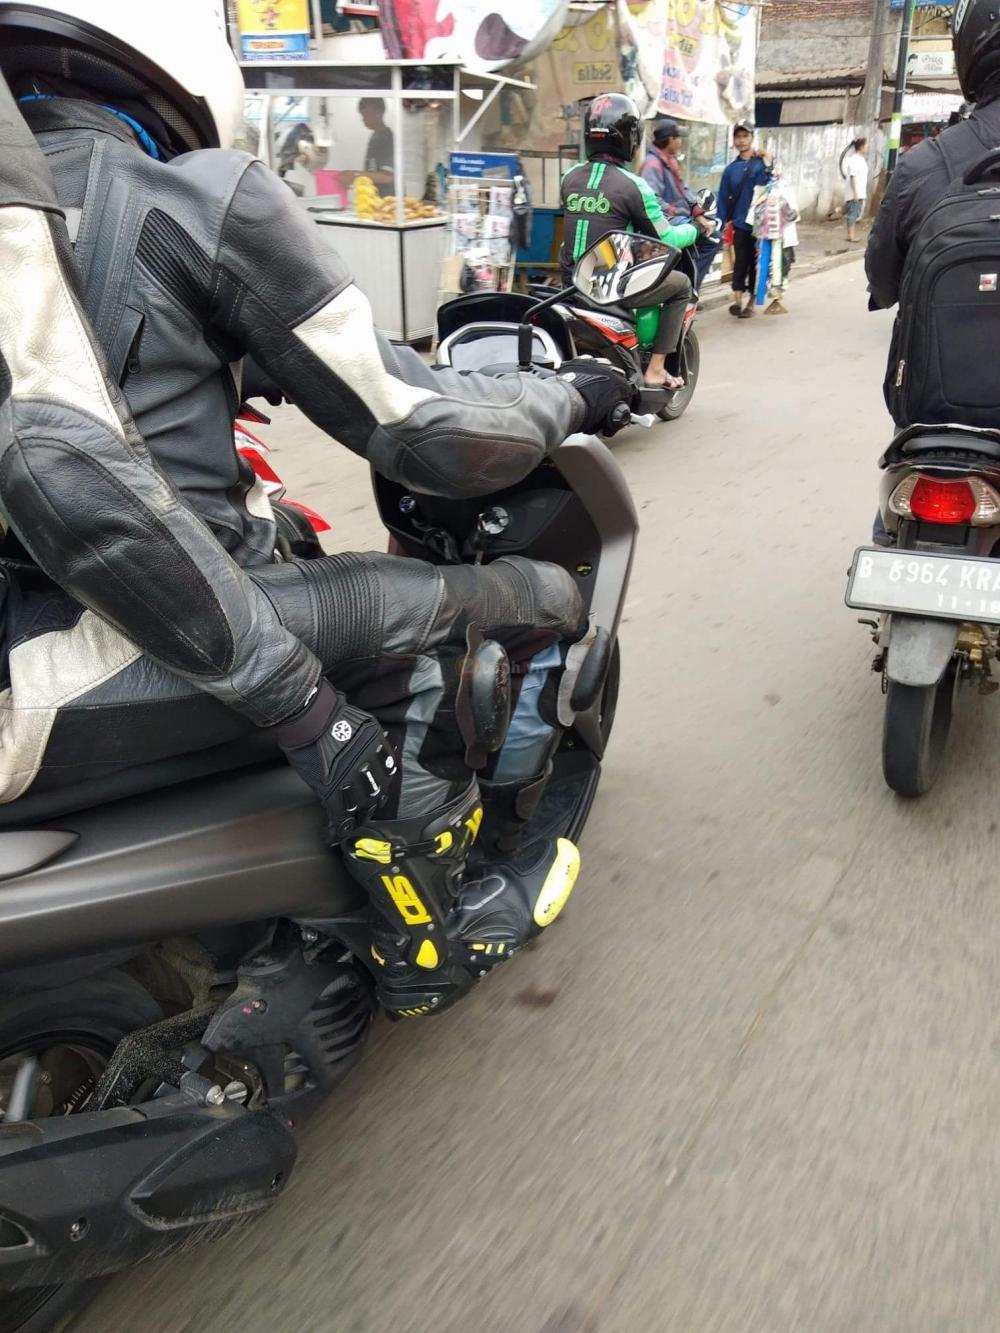 Yamaha Lexi 125 2018 Lo anh tren duong chay thu - 2